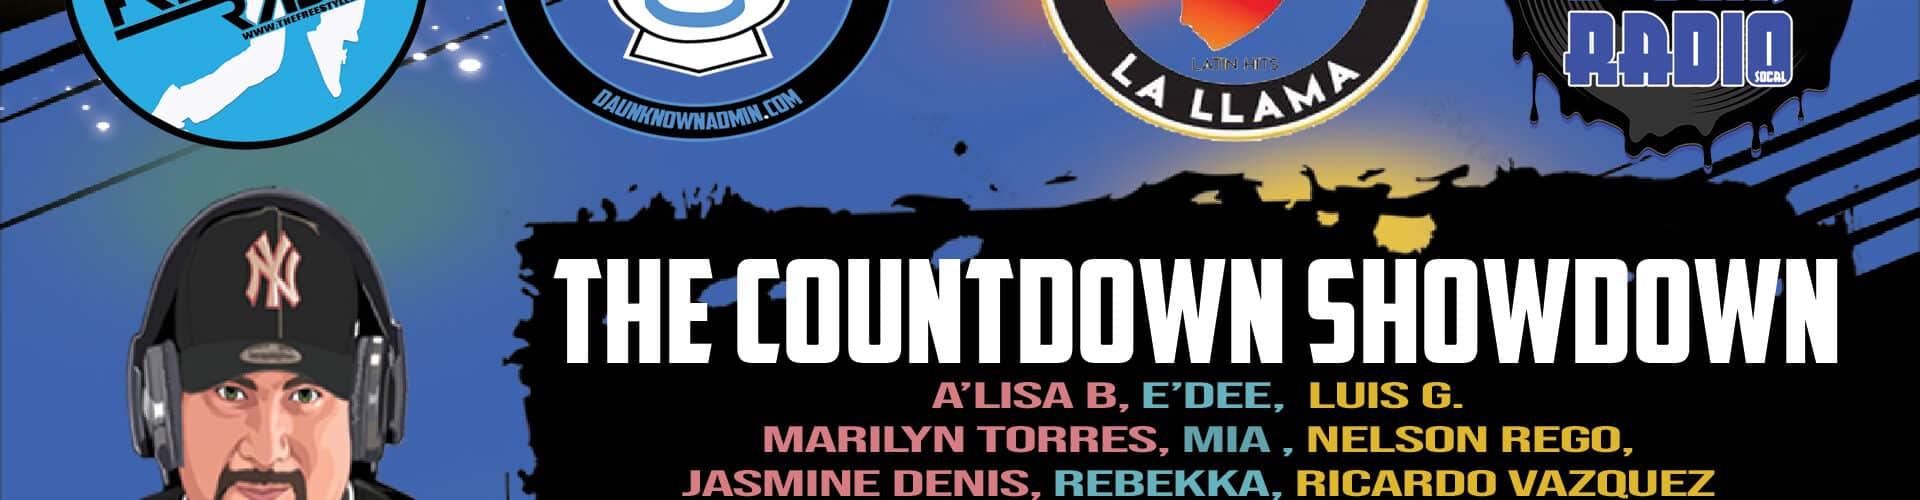 The Countdown Showdown - April 2020